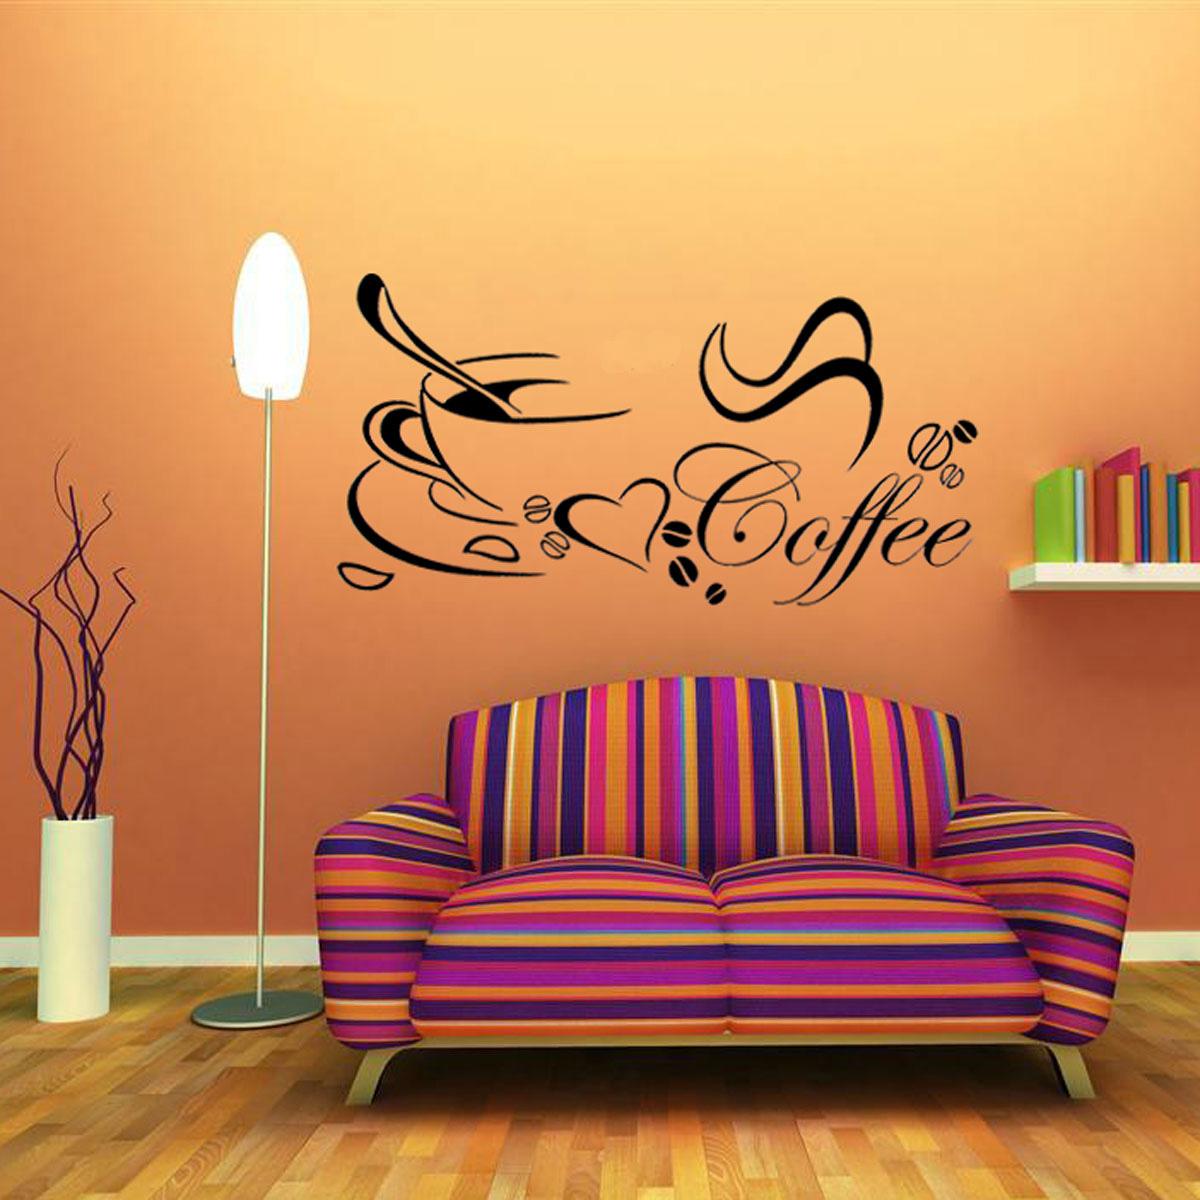 Taza de caf cocina coraz n belleza extra ble arte h galo for Pegatinas murales pared